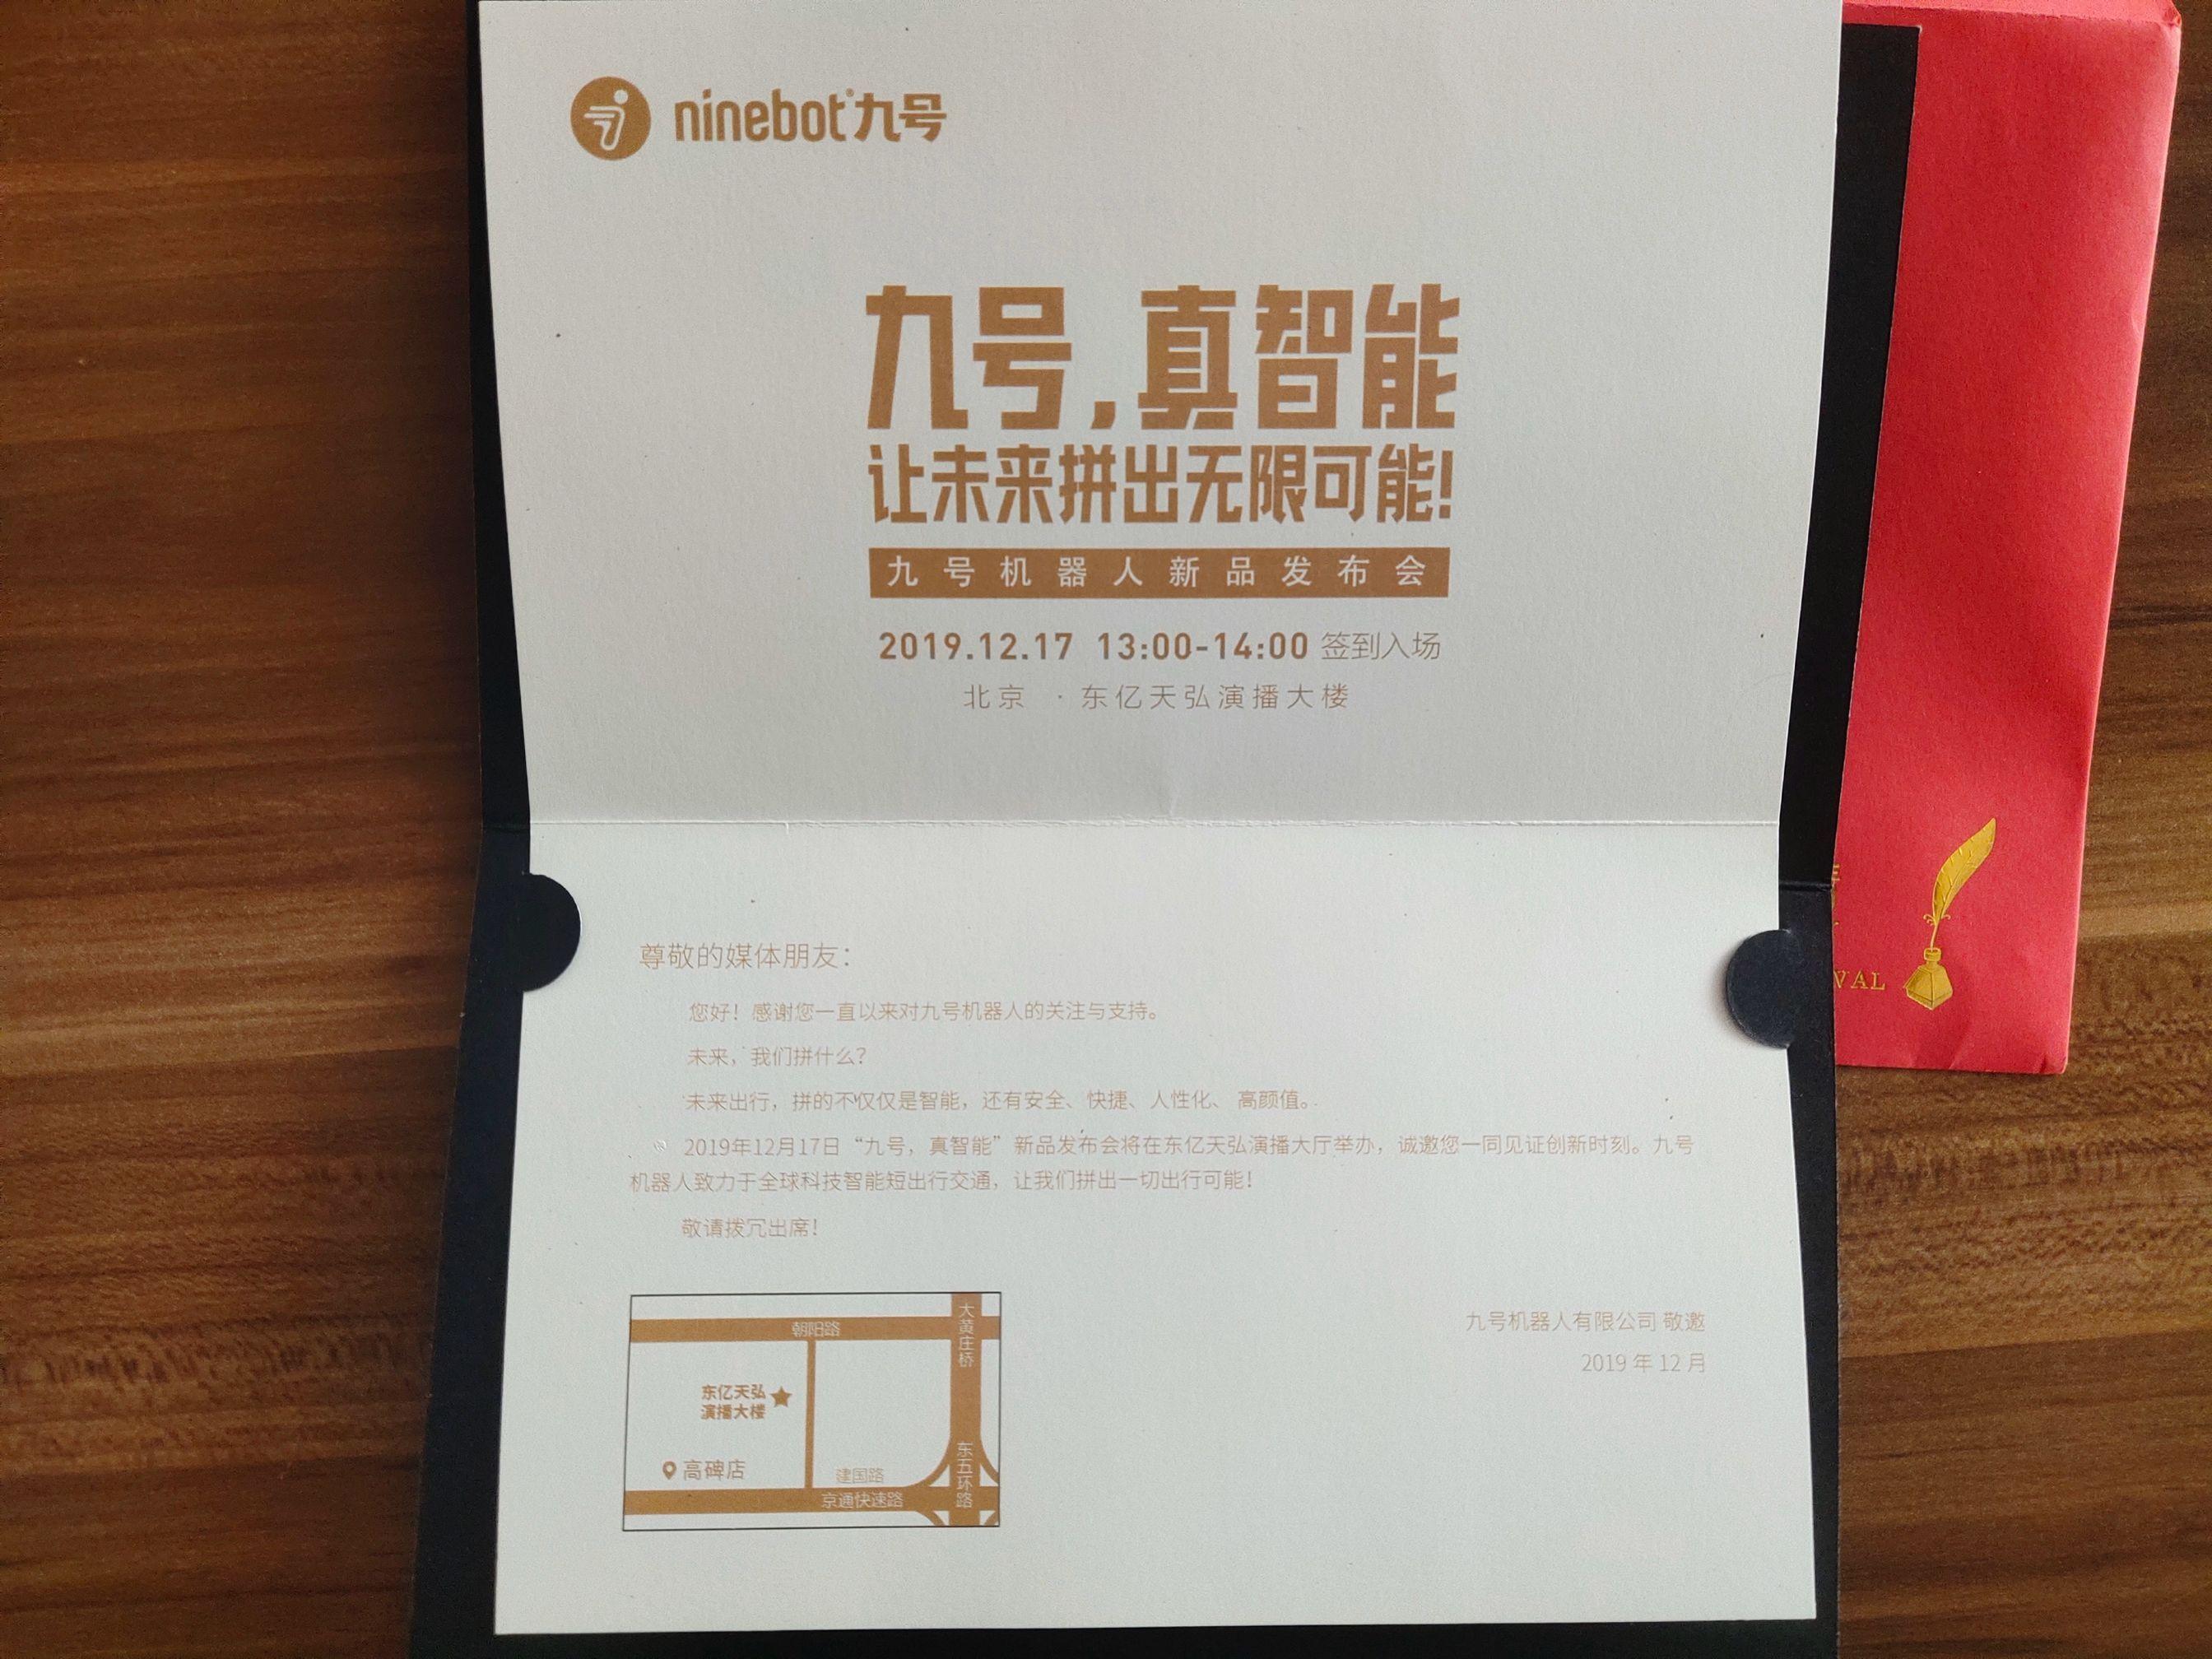 """小米生态链企业""""九号,真智能""""新品发布会12月17日北京召开"""